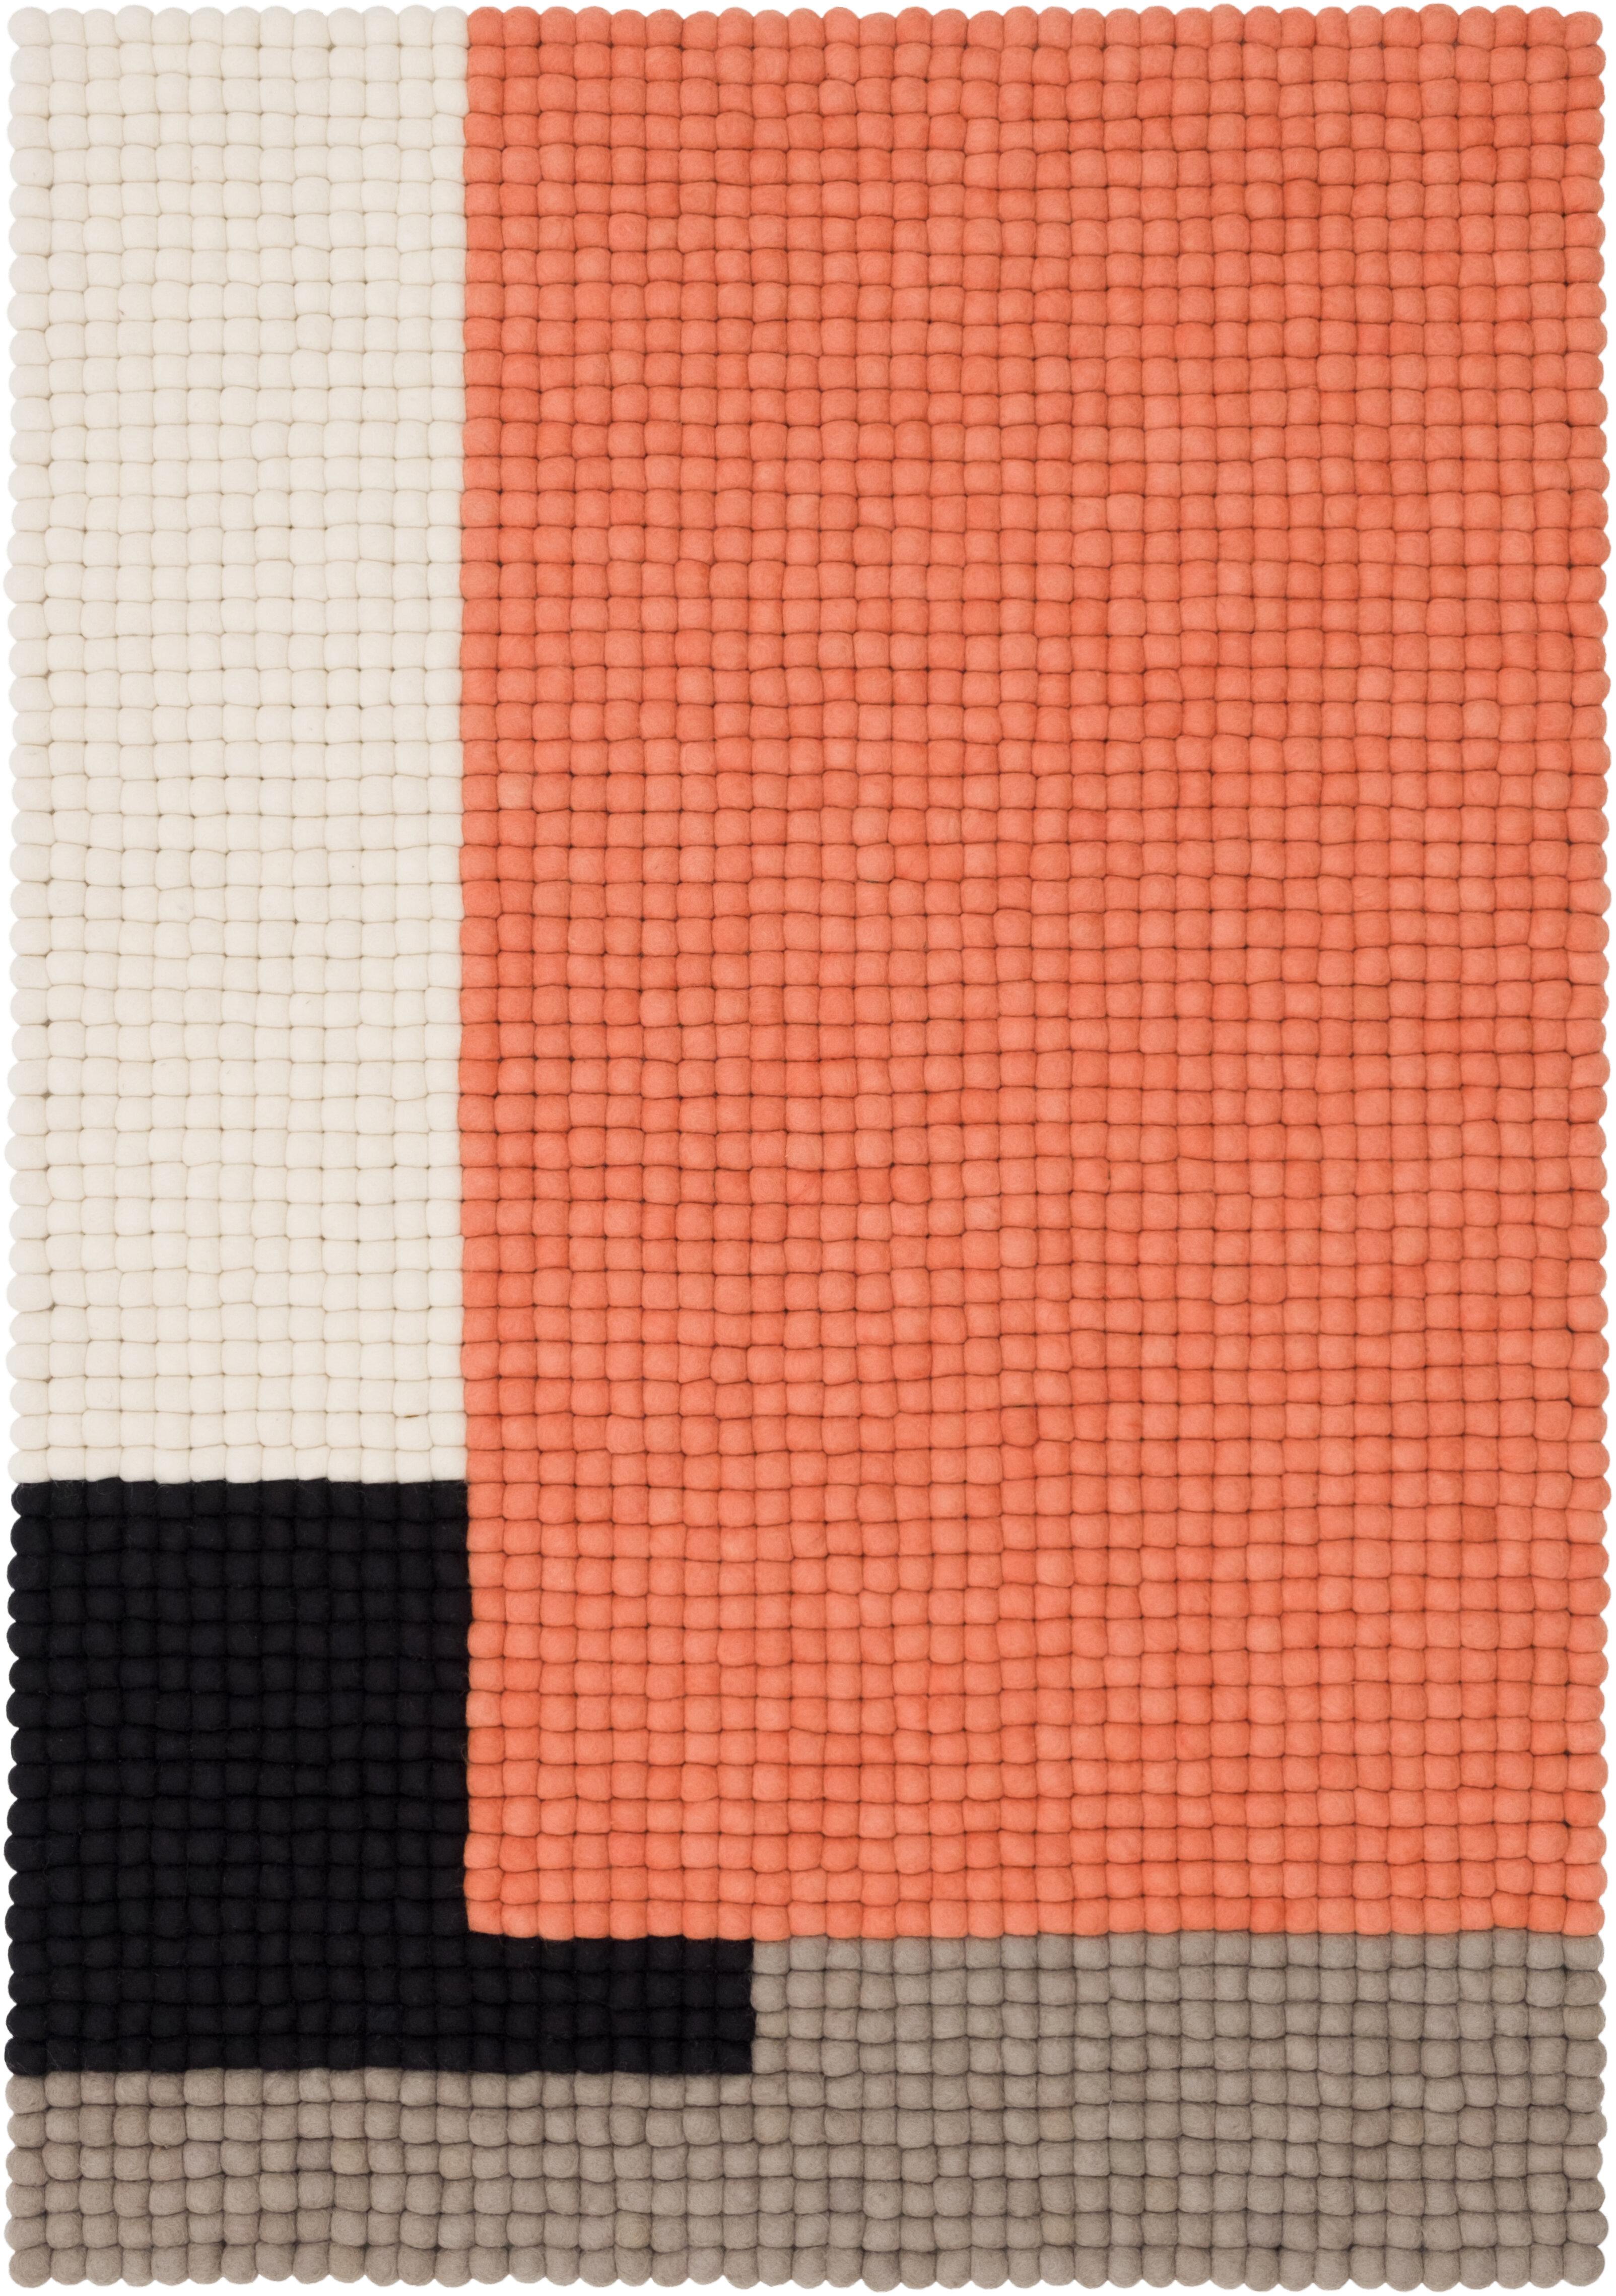 Myfelt Handgefertigter Teppich Cube In Orange Grau Schwarz Wayfair De